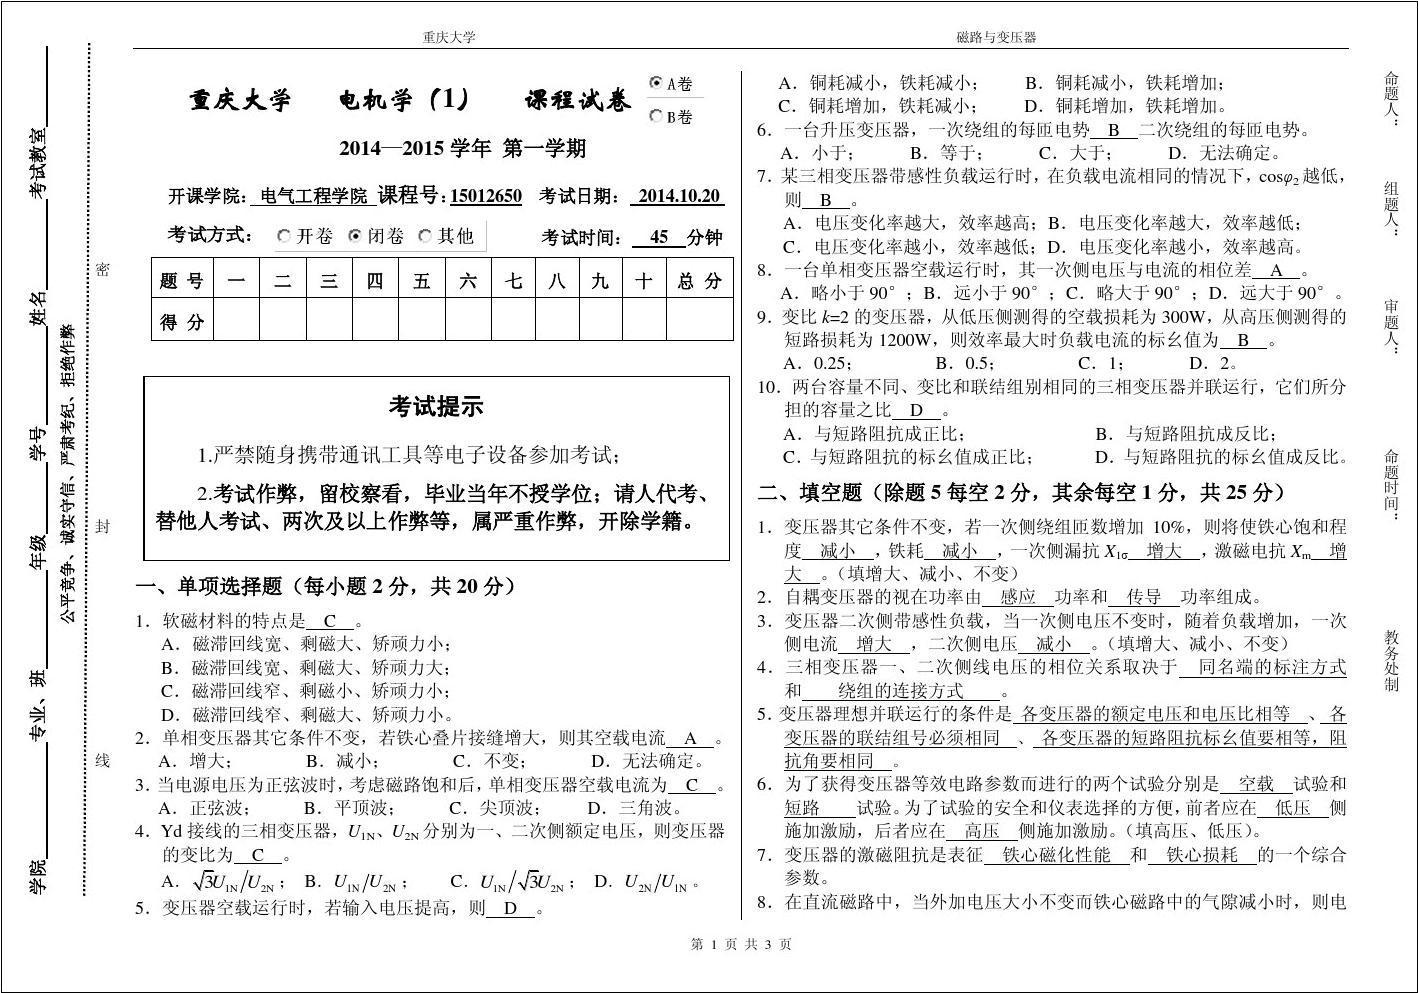 电机学考试题_重庆大学电机学课堂测验试卷(含参考答案)_文档下载